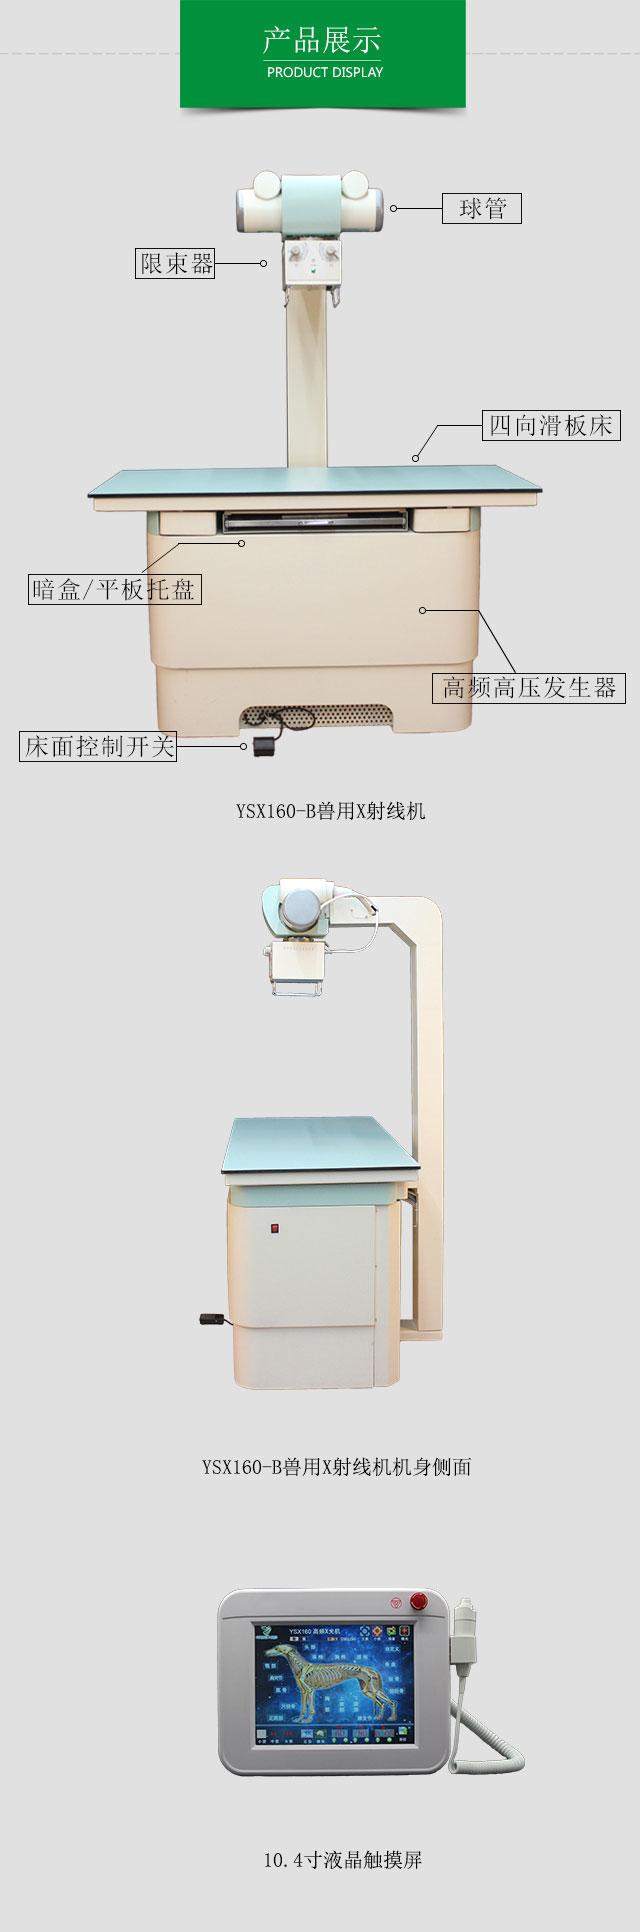 16kW动物高频X光机 宠物X光机 兽用X光机部件